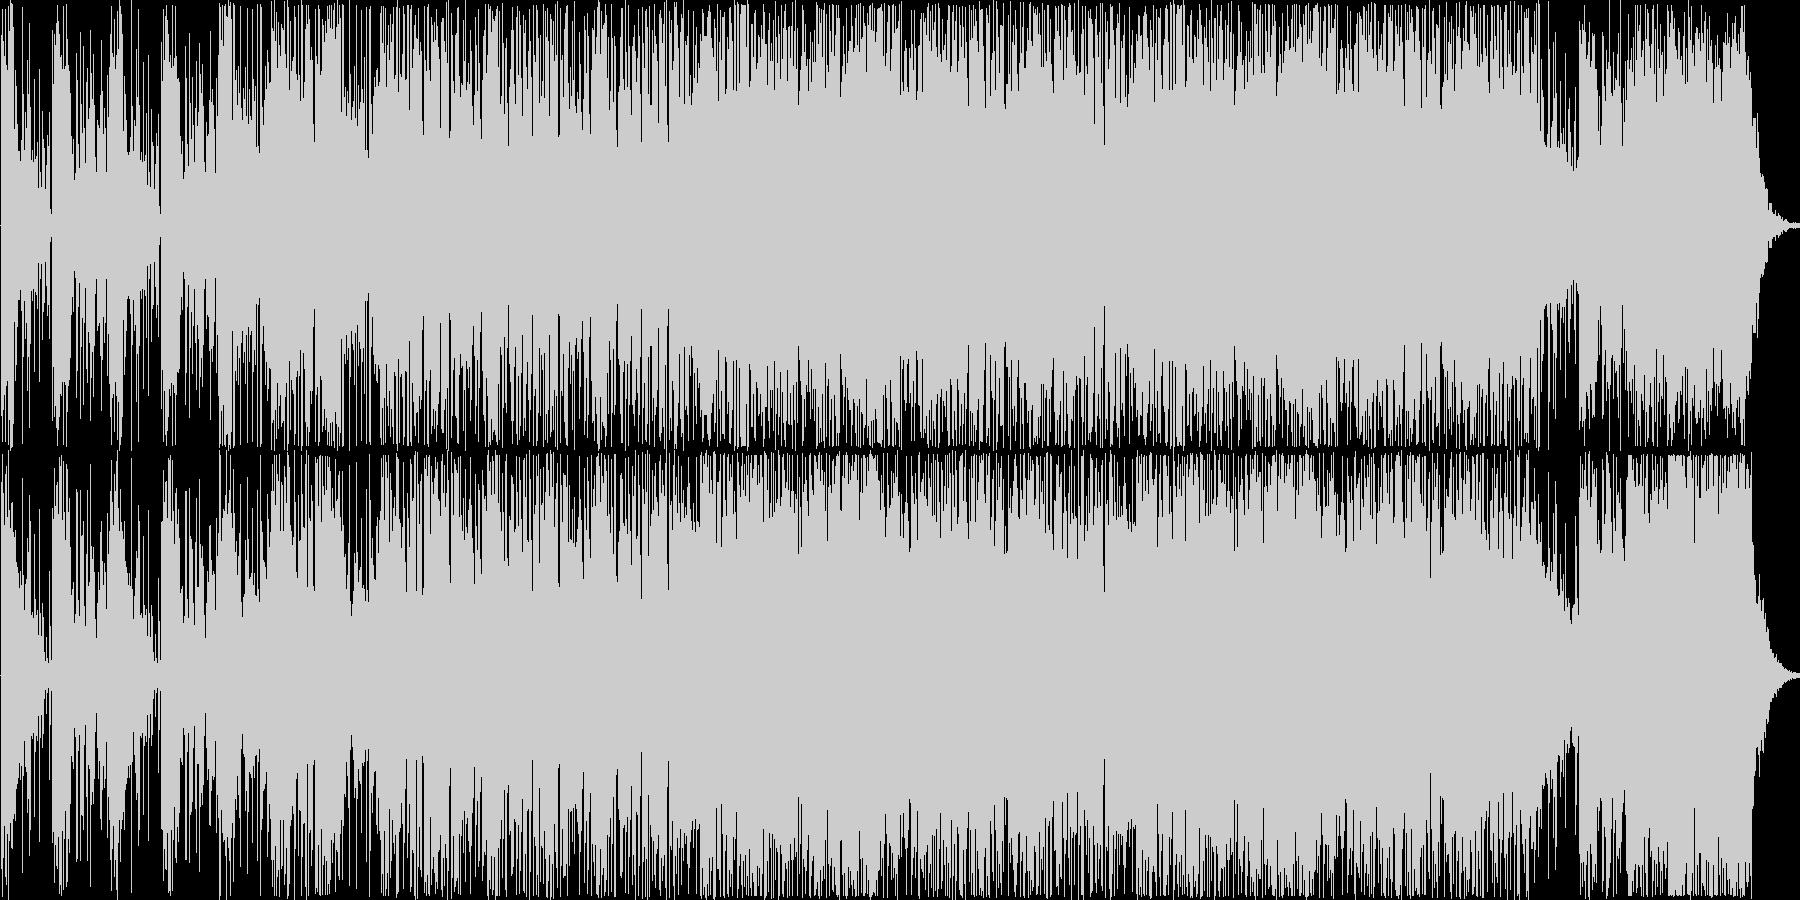 暗い緊張感のあるダークなイメージの曲の未再生の波形